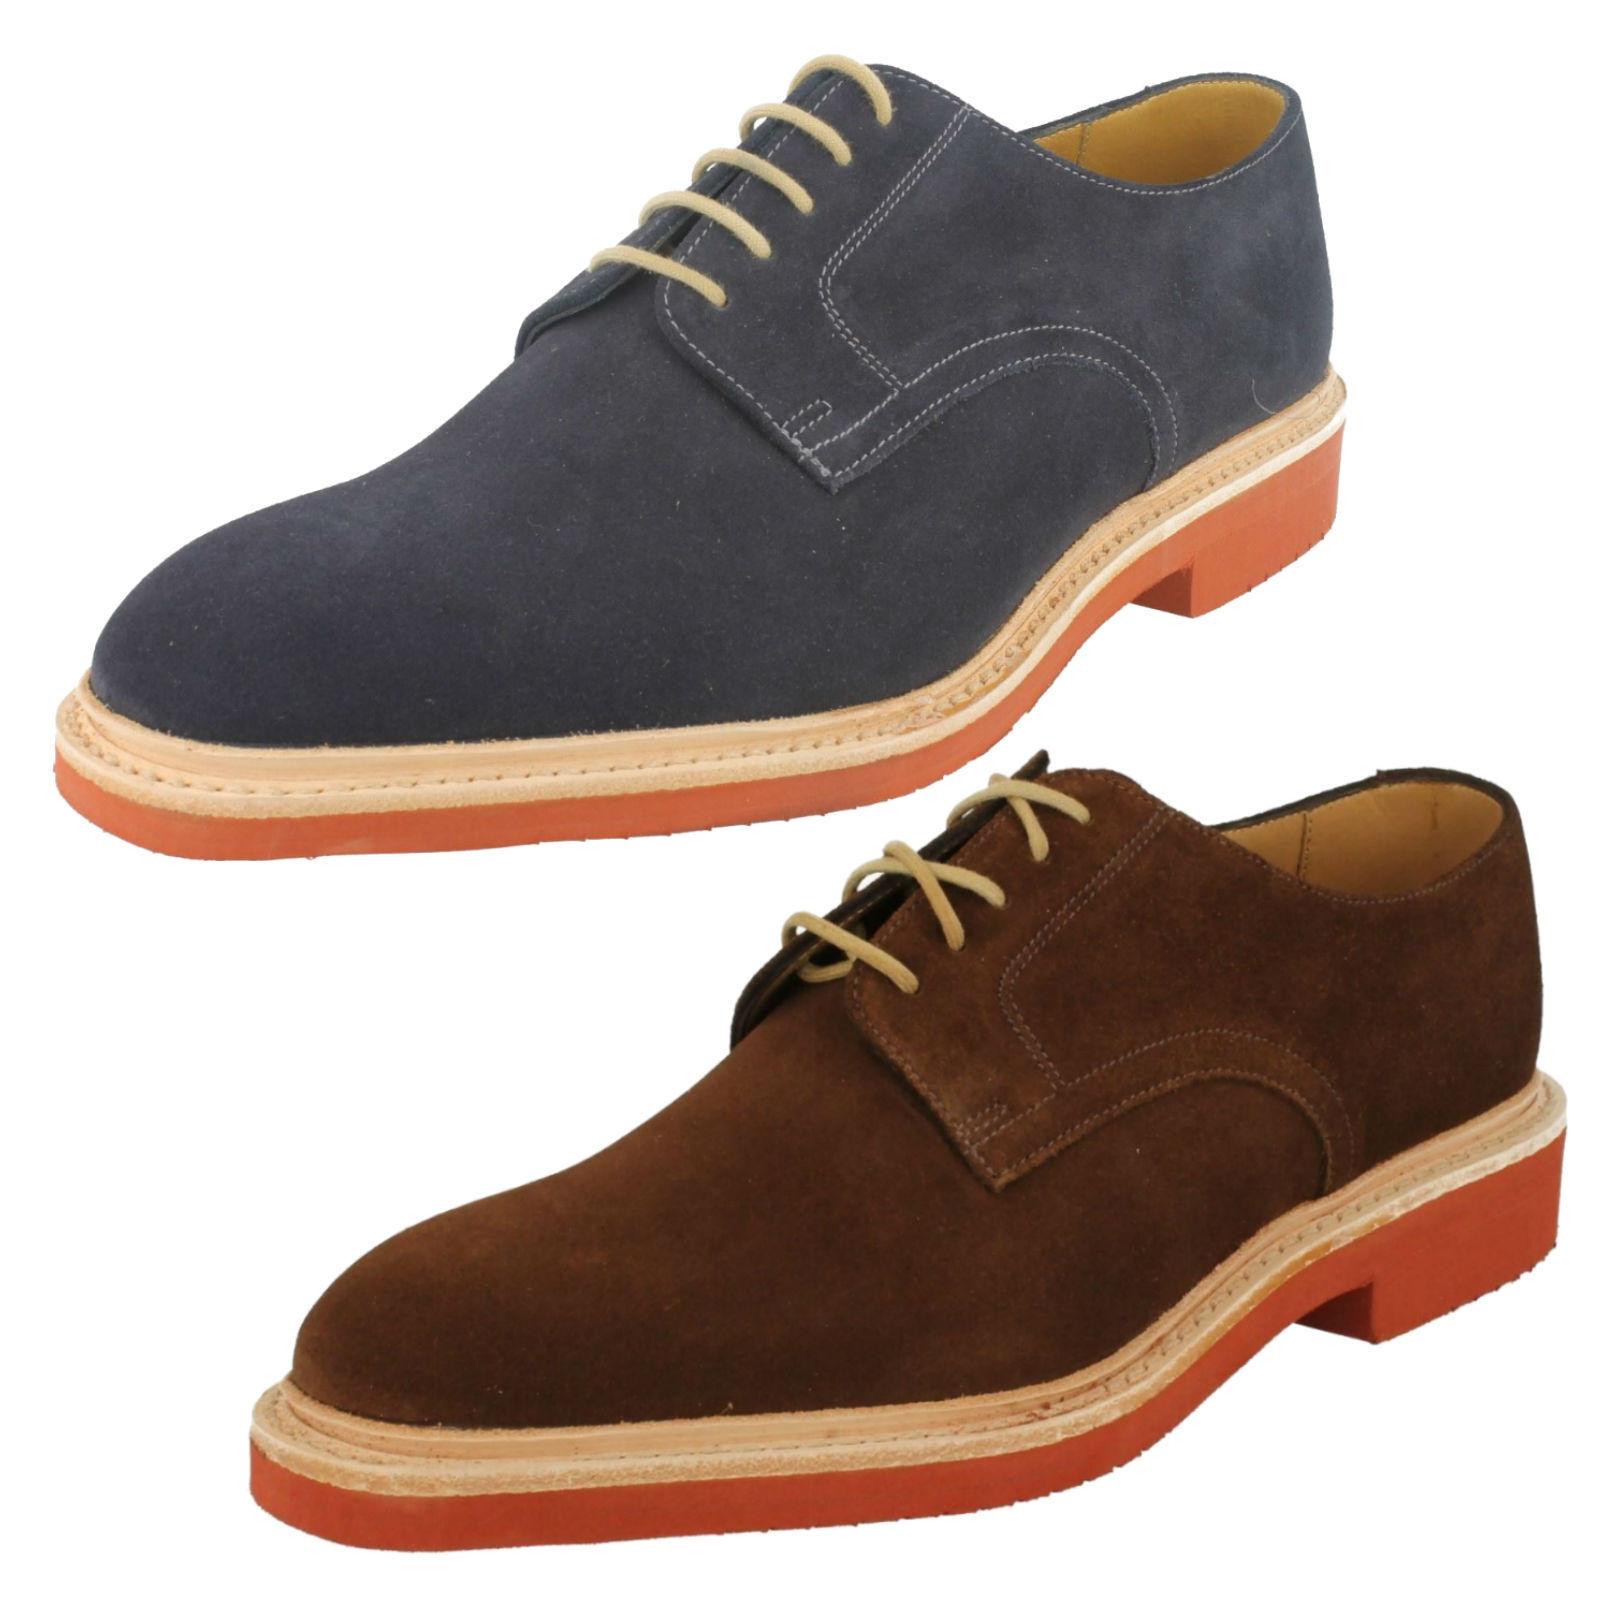 LOAKE Morrison Formal Informal Con Cordones Para Hombre De Cuero Zapatos De Gamuza